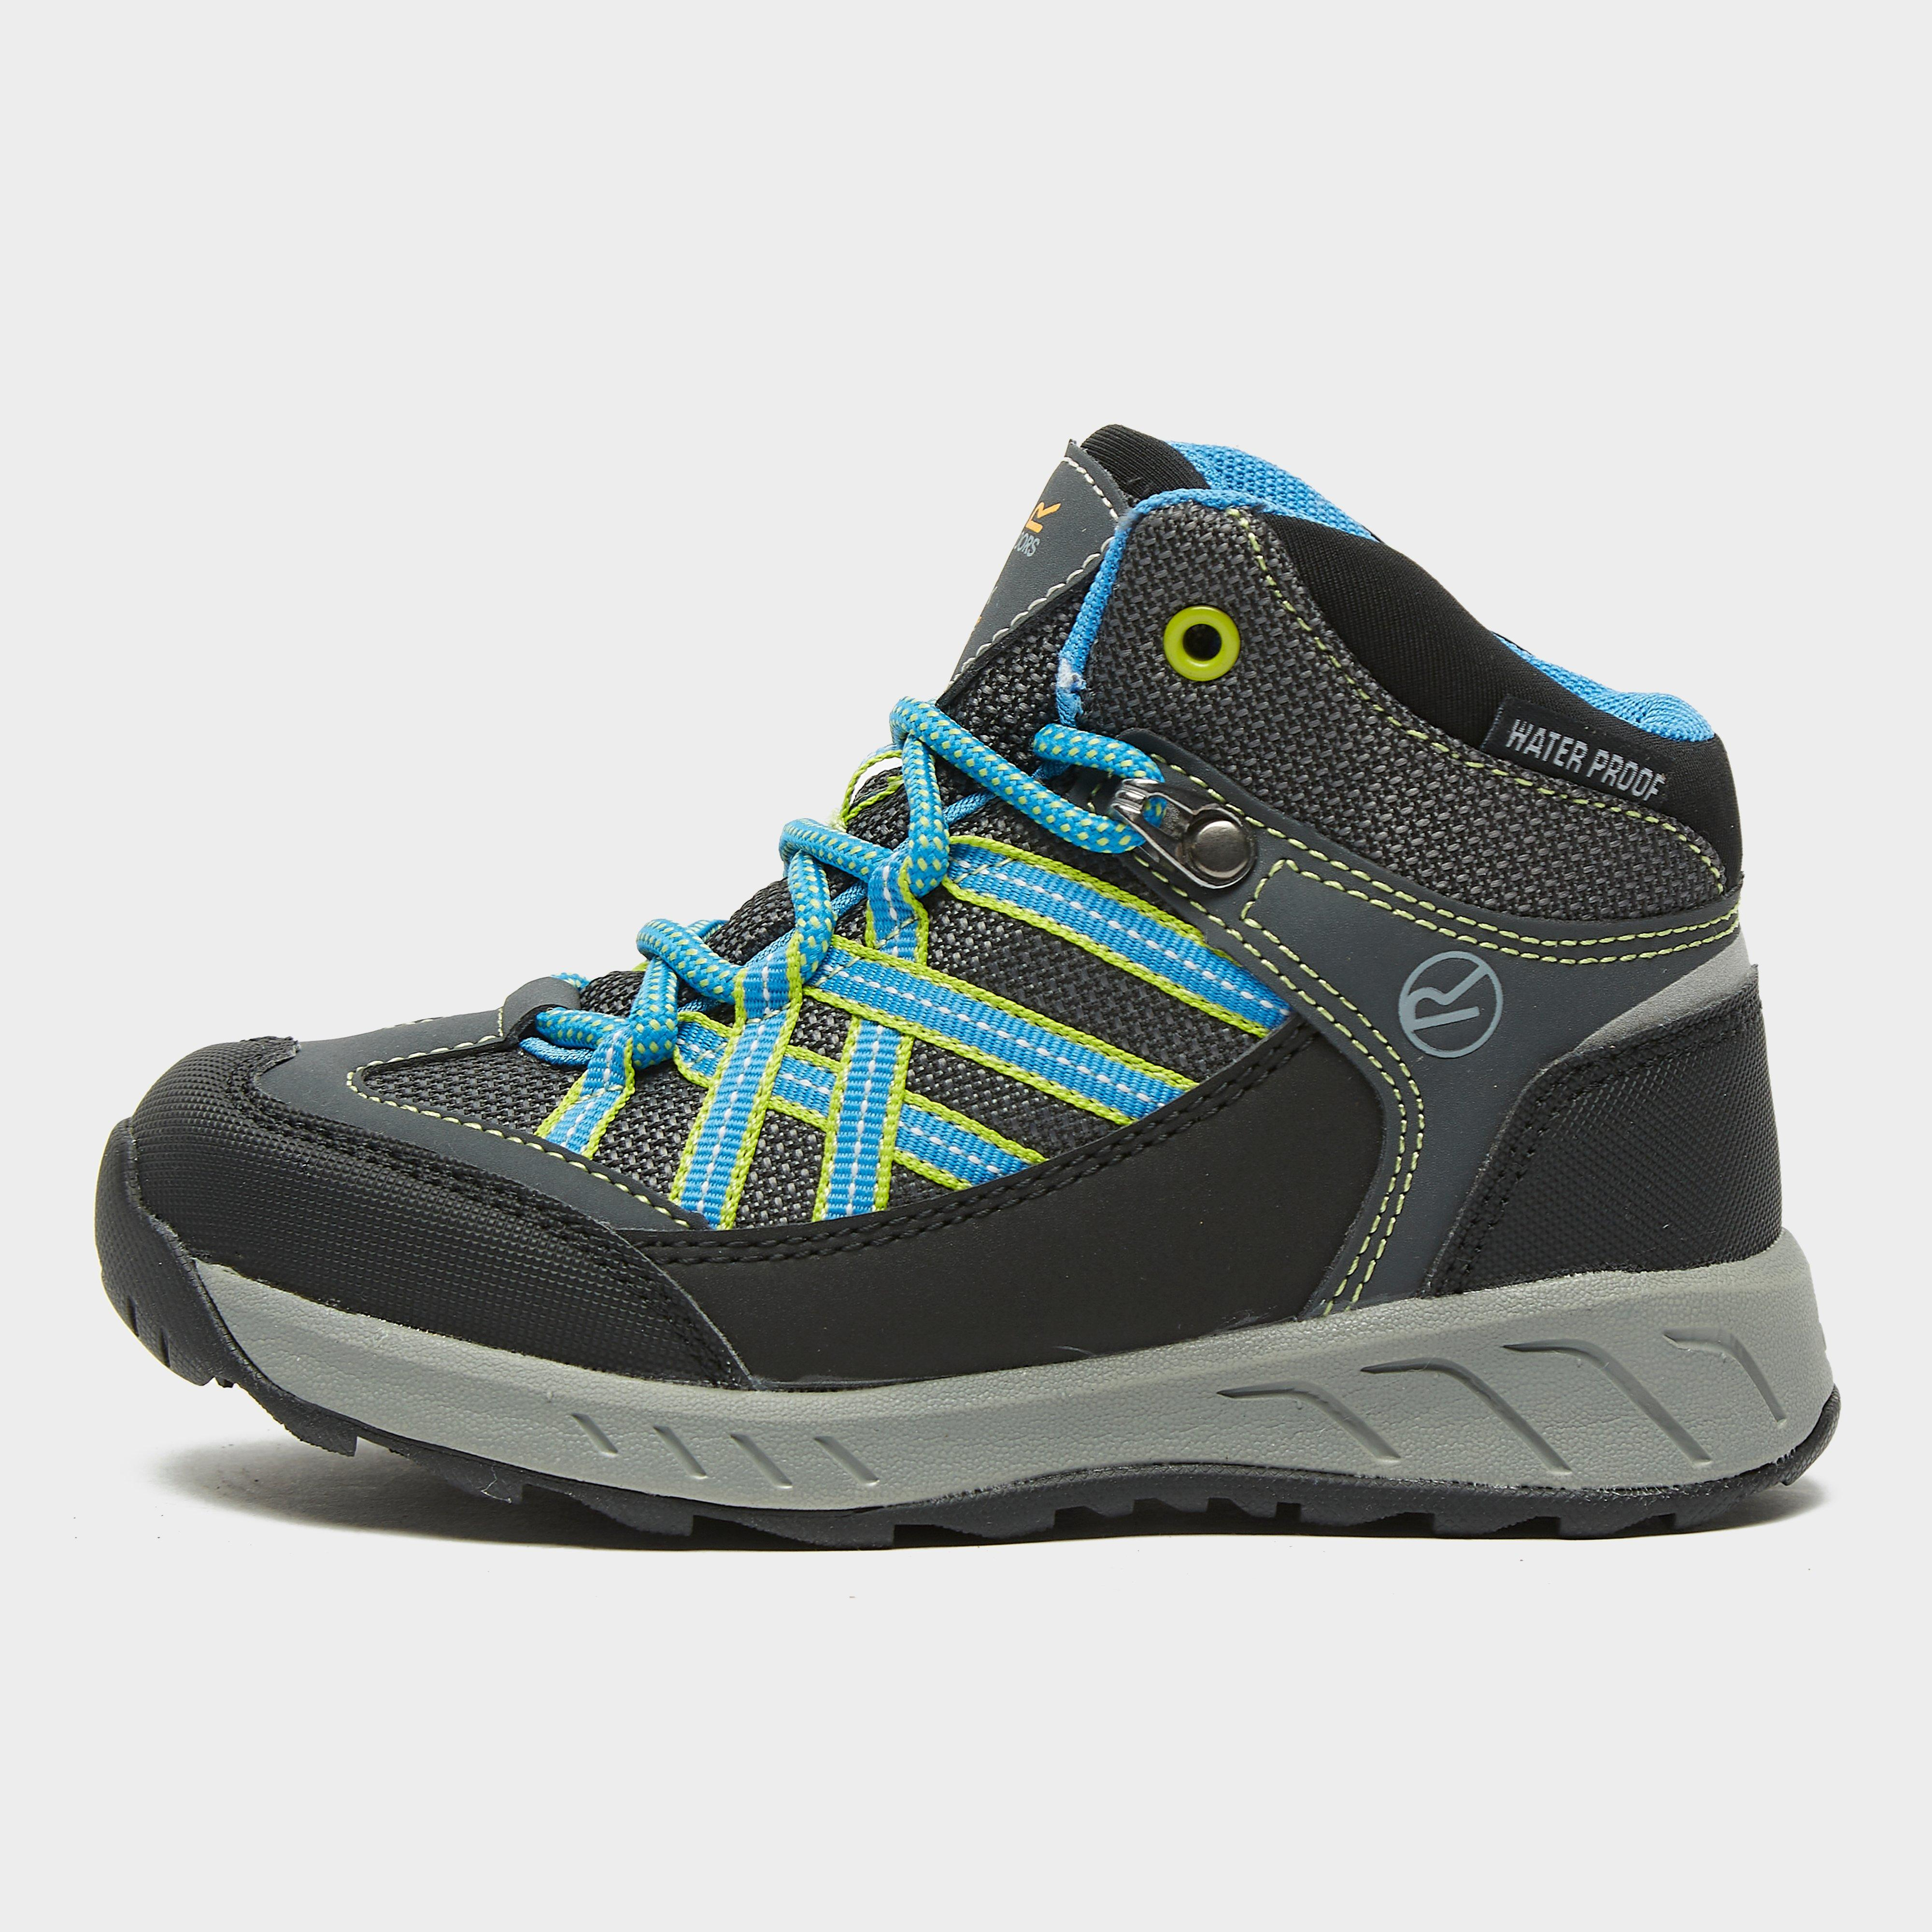 Kids Waterproof Breathable Walking Boots Regatta Holcombe IEP RKF573